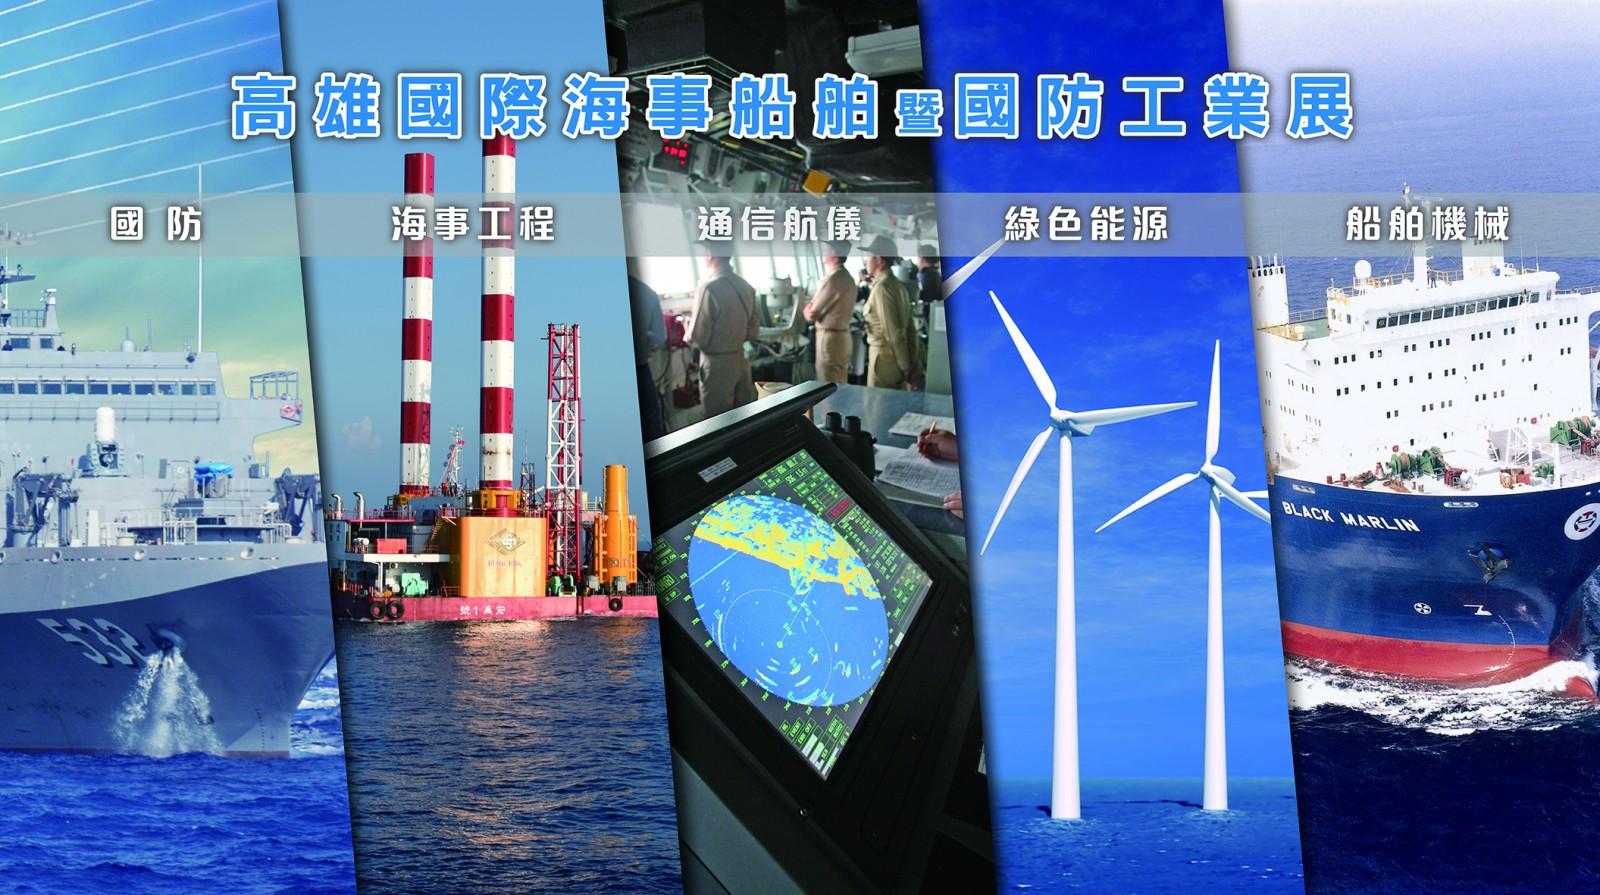 台灣首屆「海事船舶暨國防展」逾百家國內外廠商共同參展